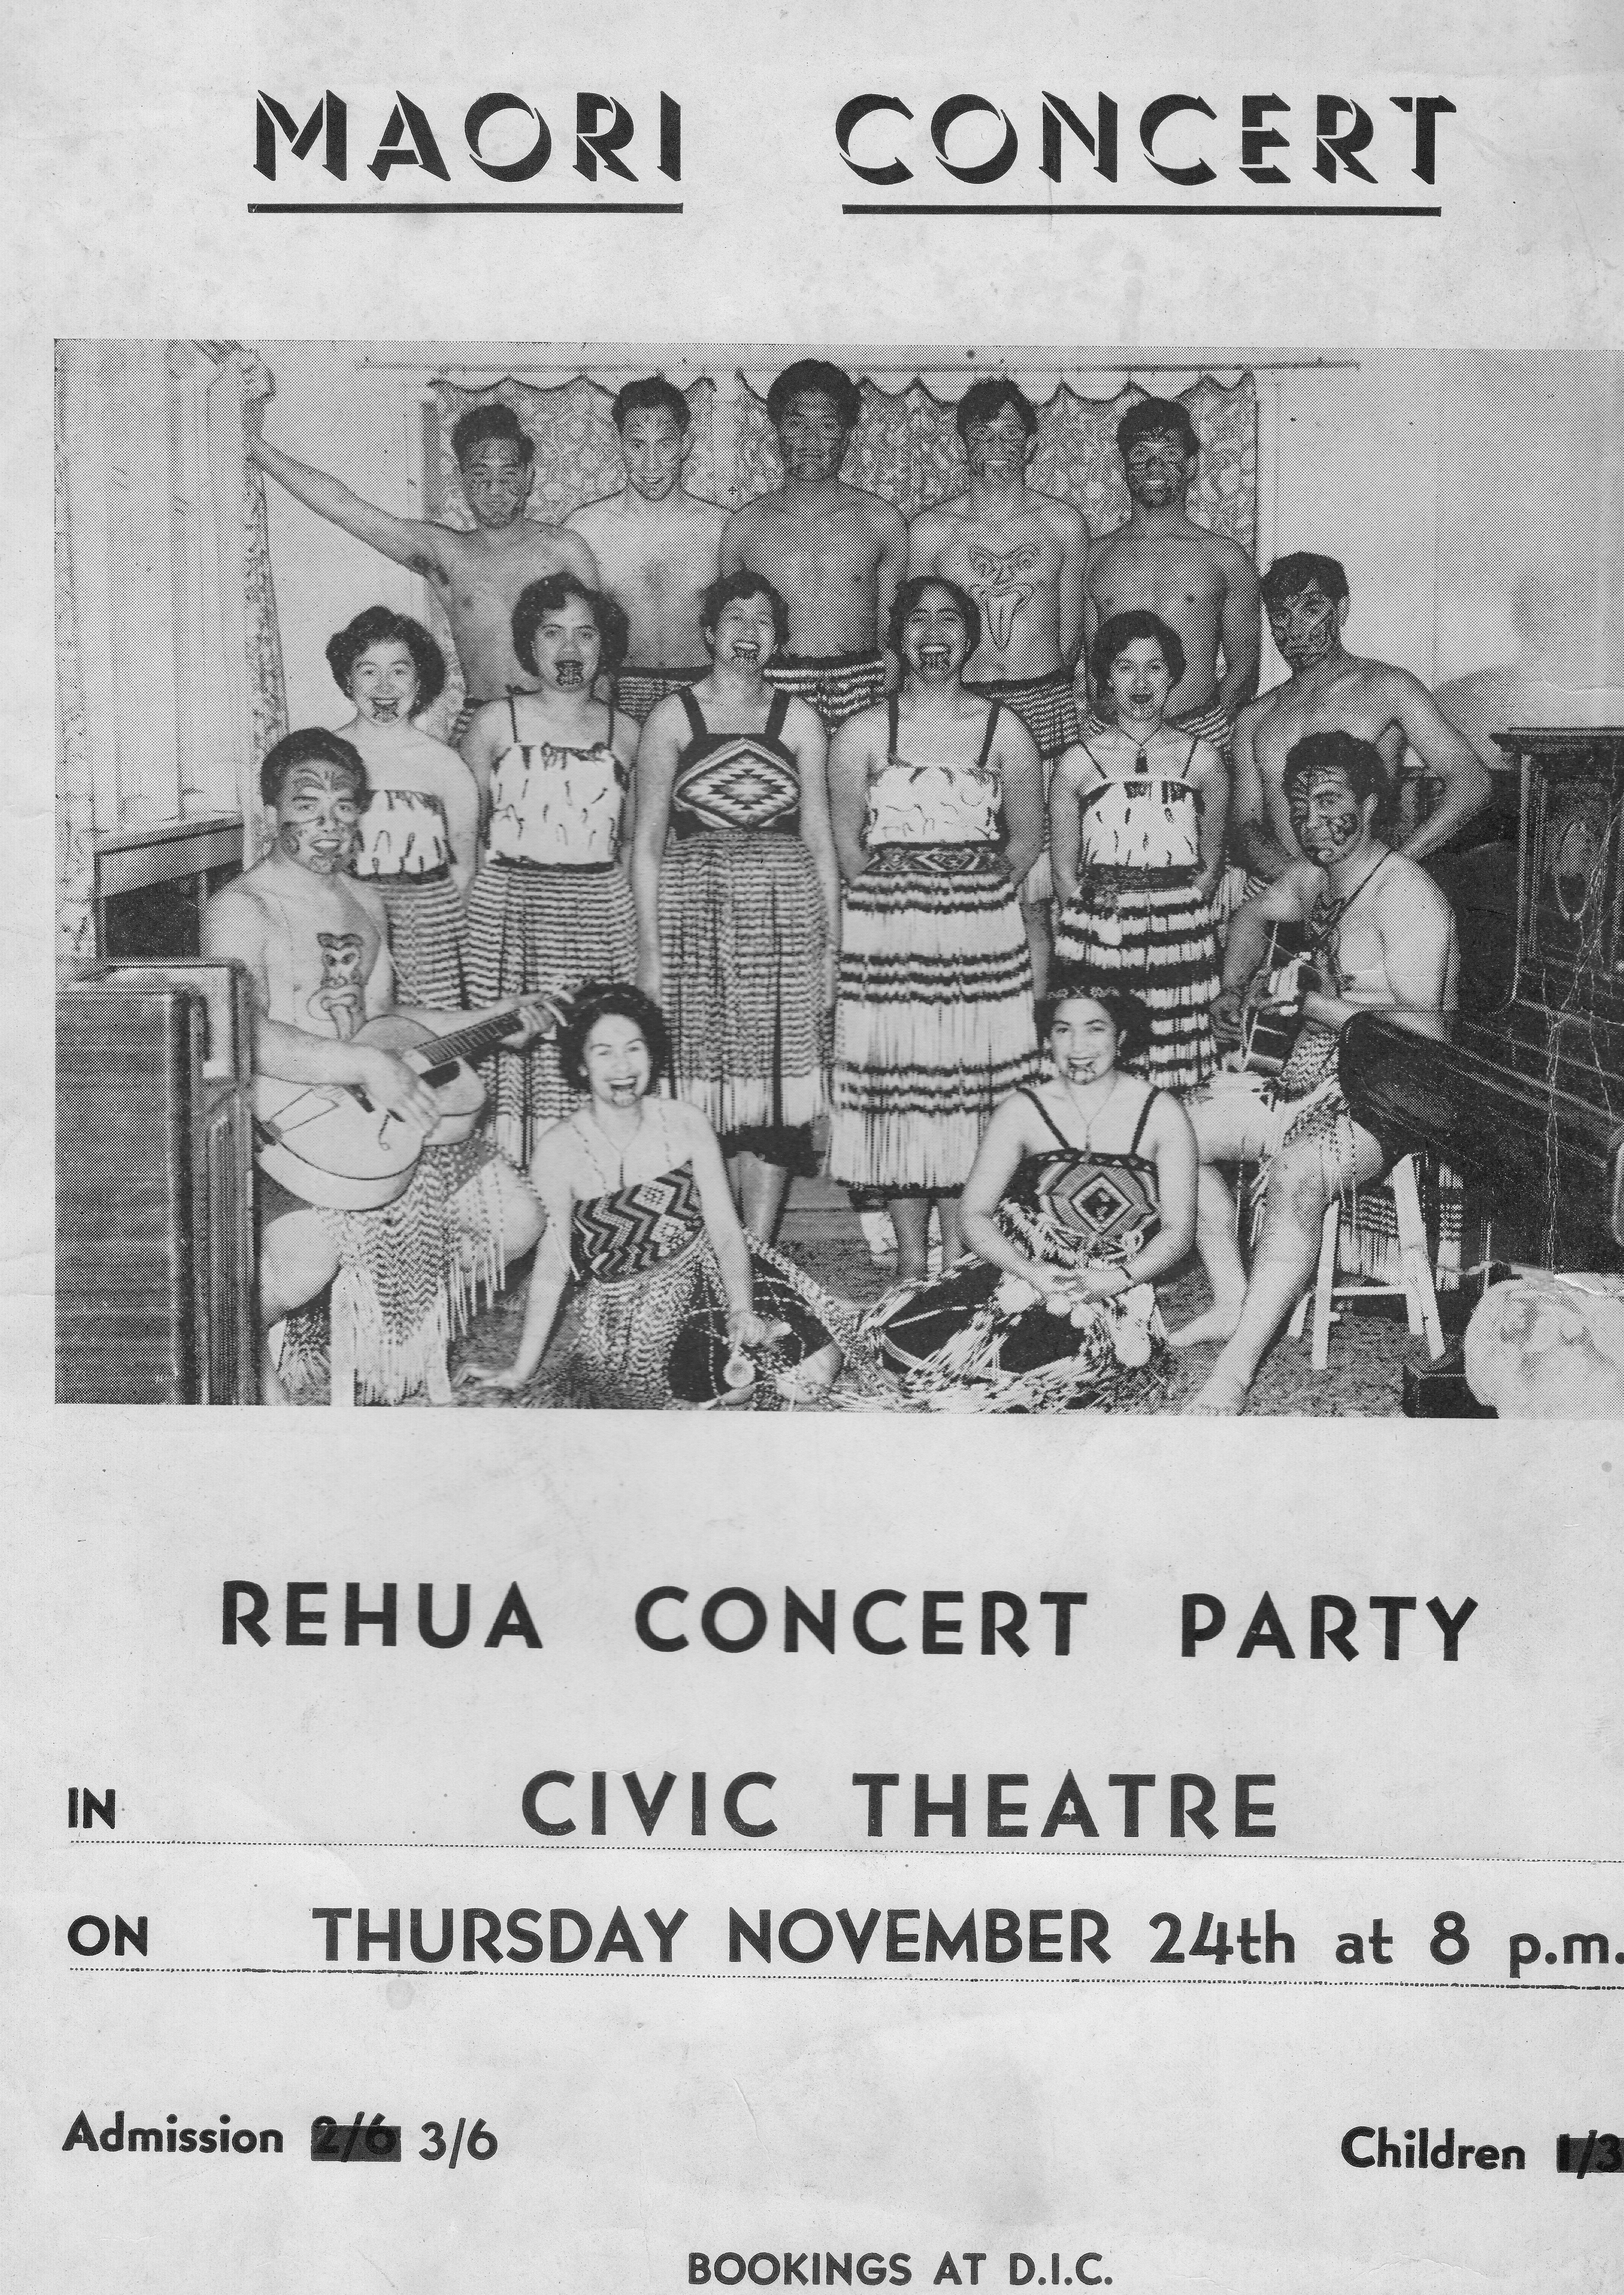 1950s Maori Concert, Rehua Archive, Box 52